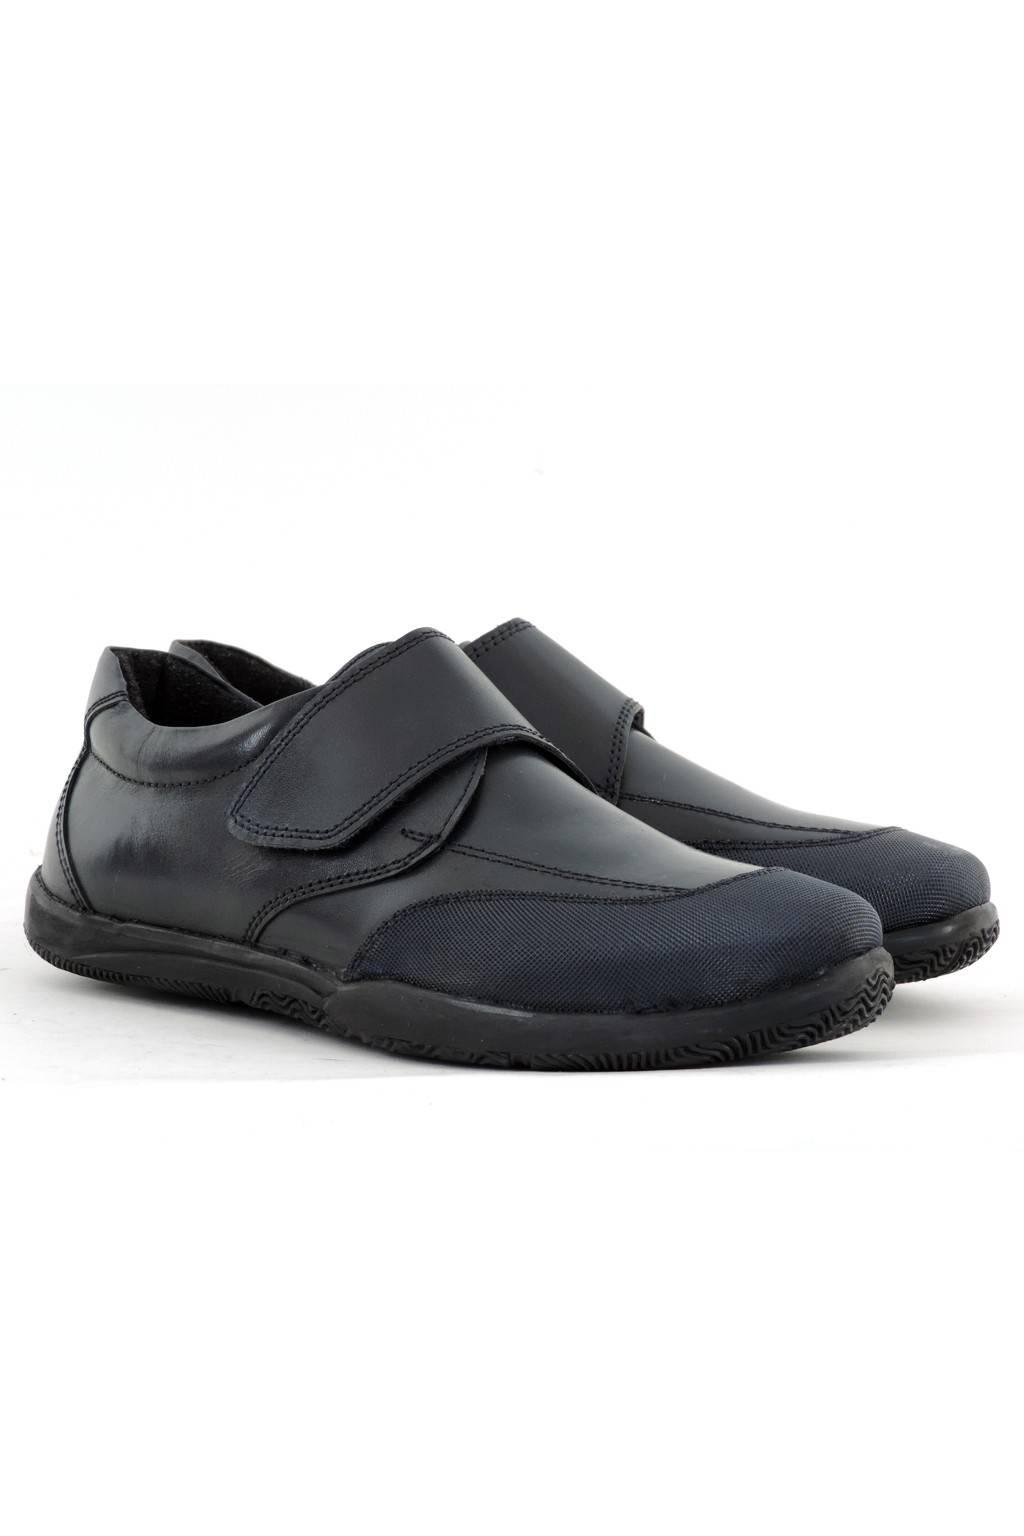 Zapato piel colegial